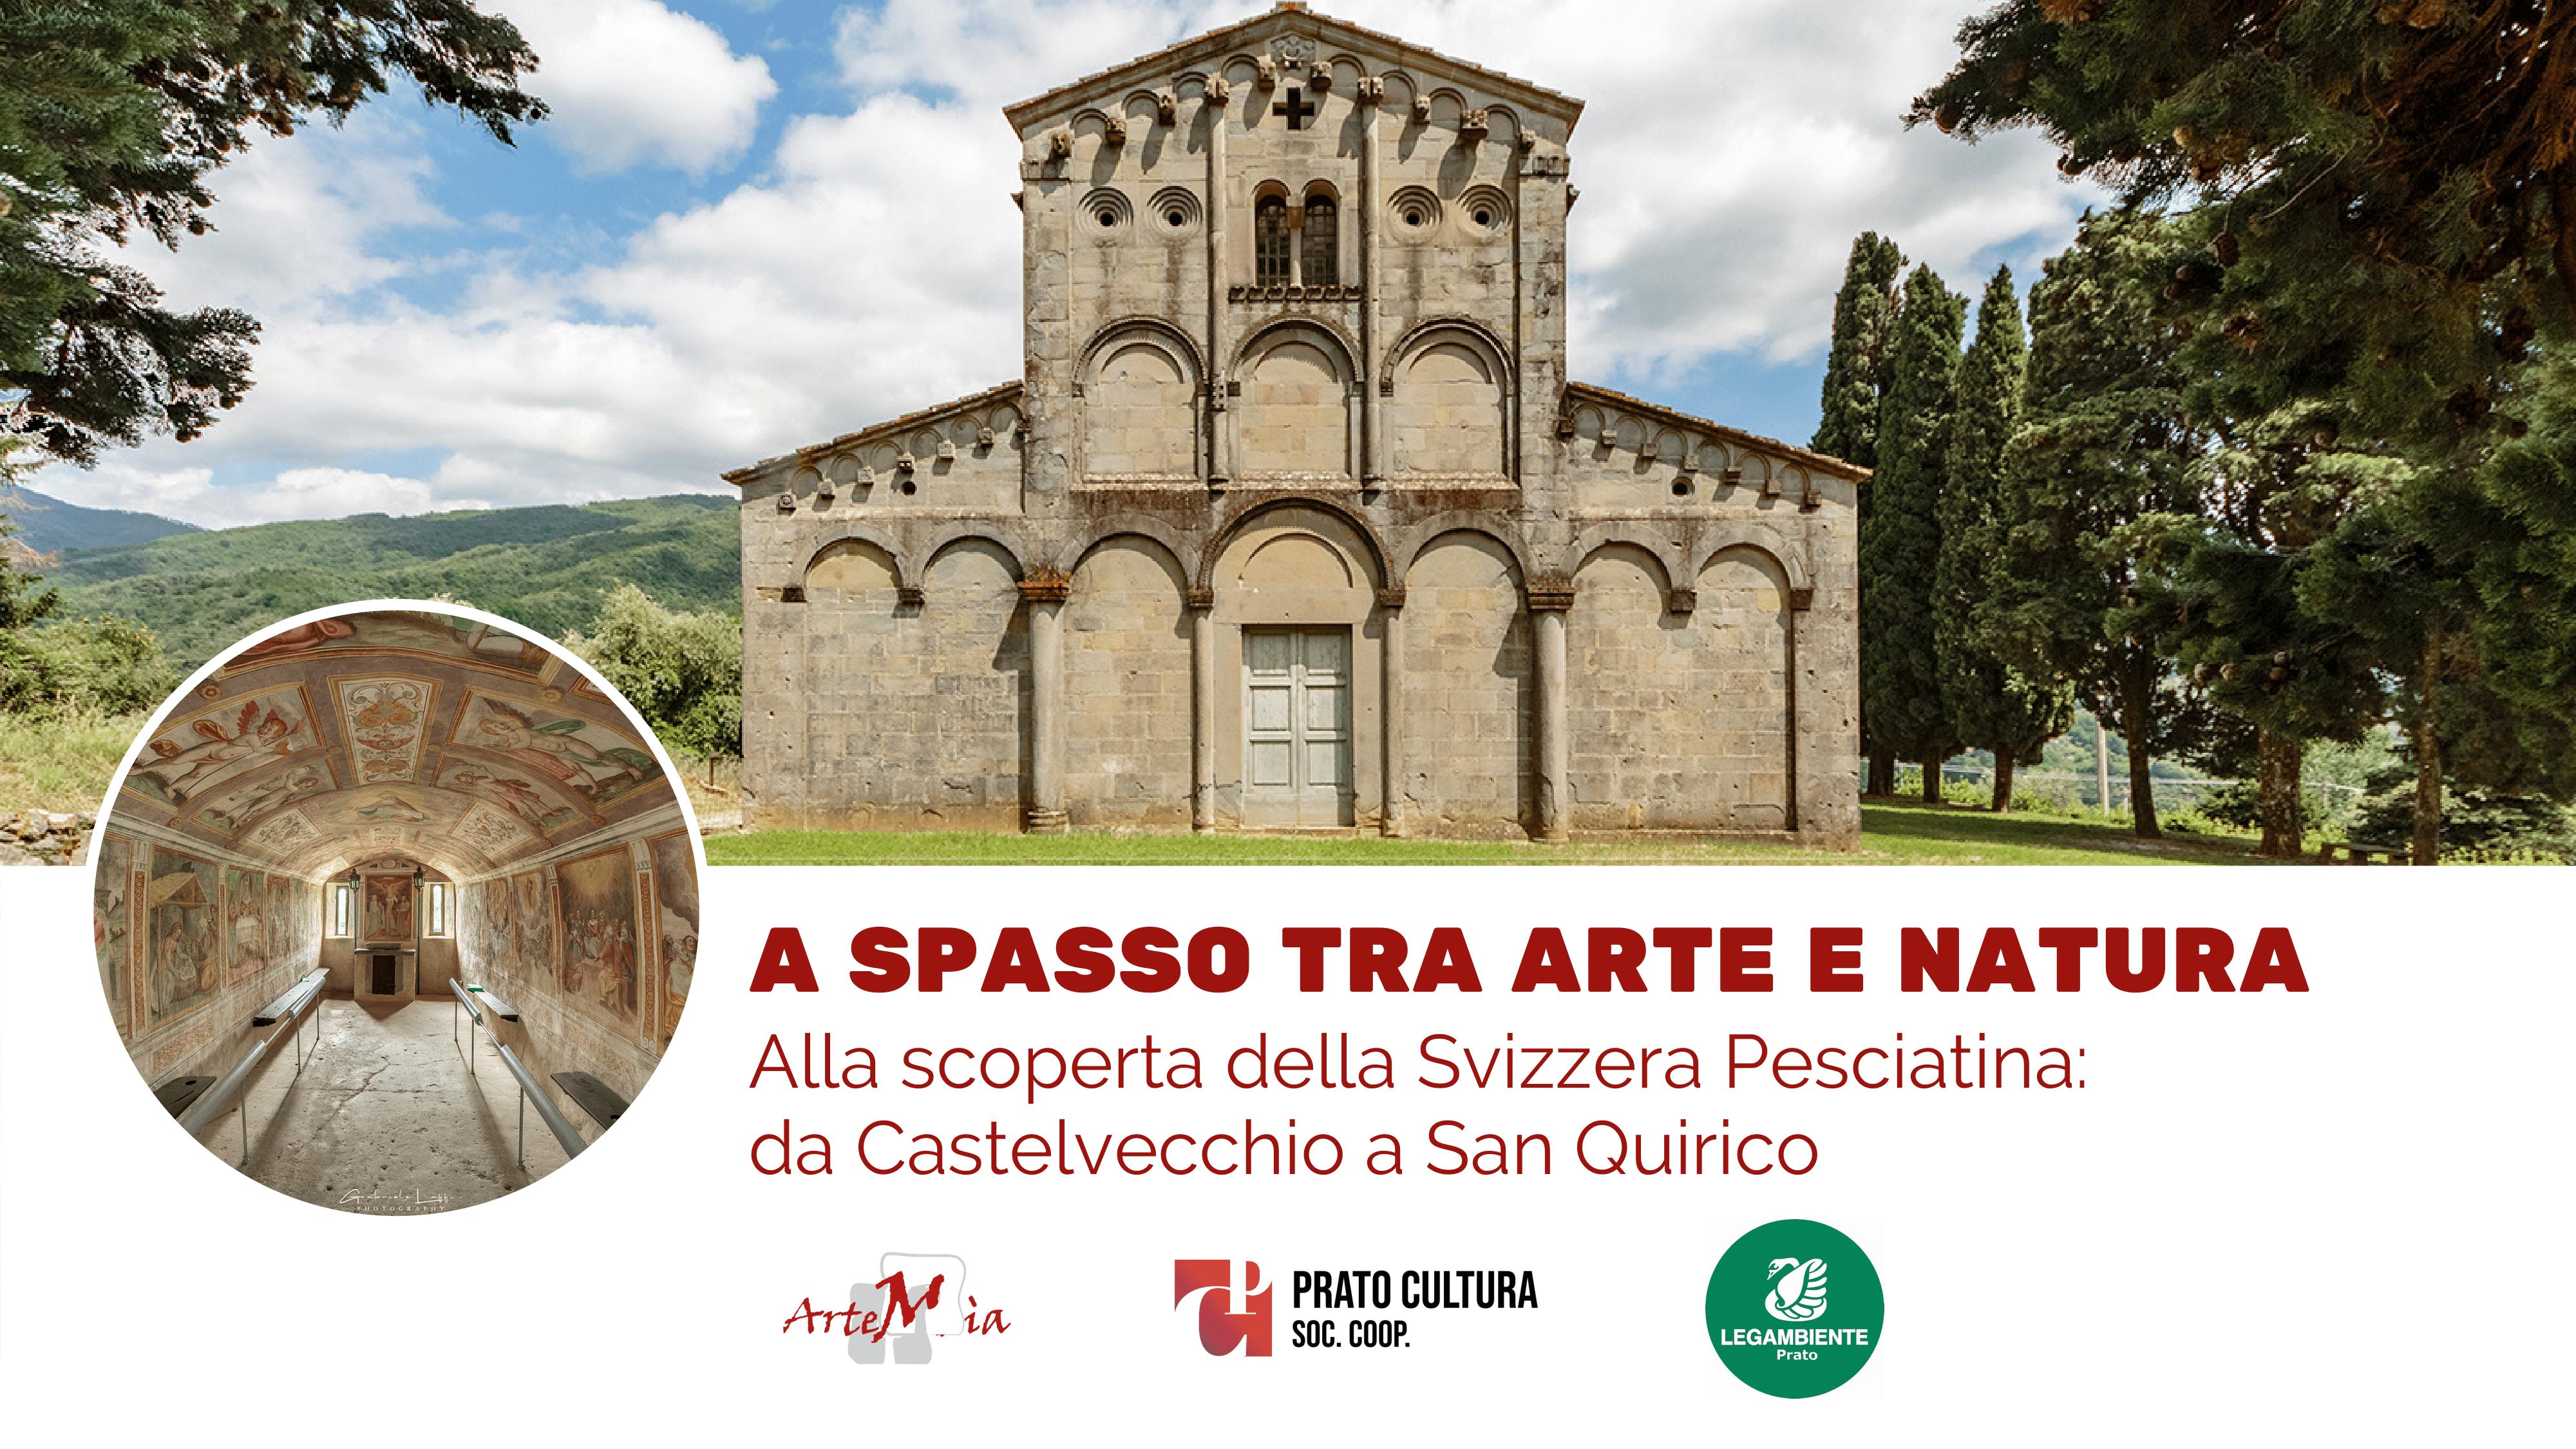 Visita: A SPASSO TRA ARTE E NATURA - Alla scoperta della Svizzera Pesciatina: da Castelvecchio a San Quirico